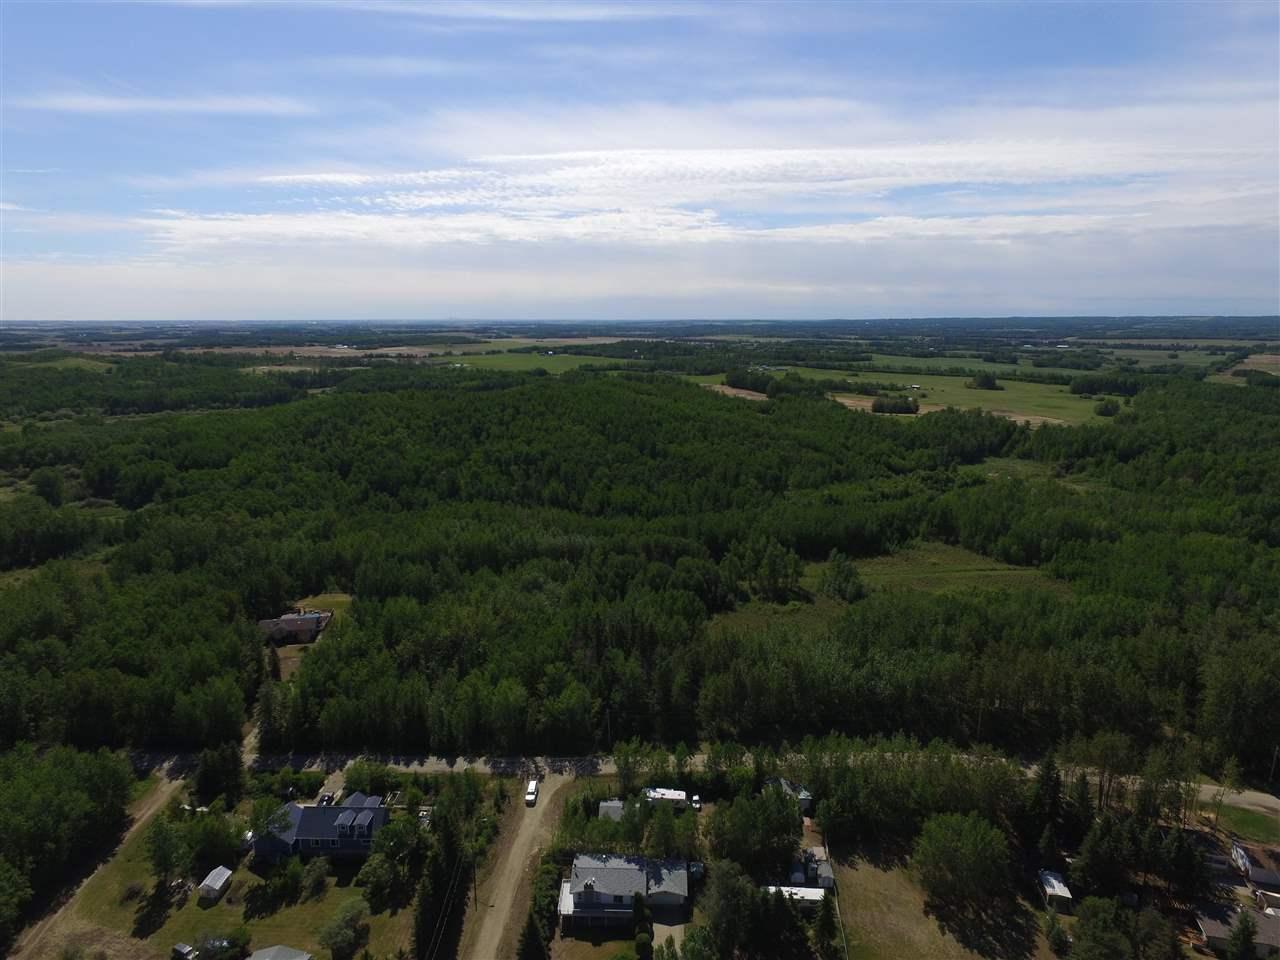 Township 552 Range Rd 10, at $82,900